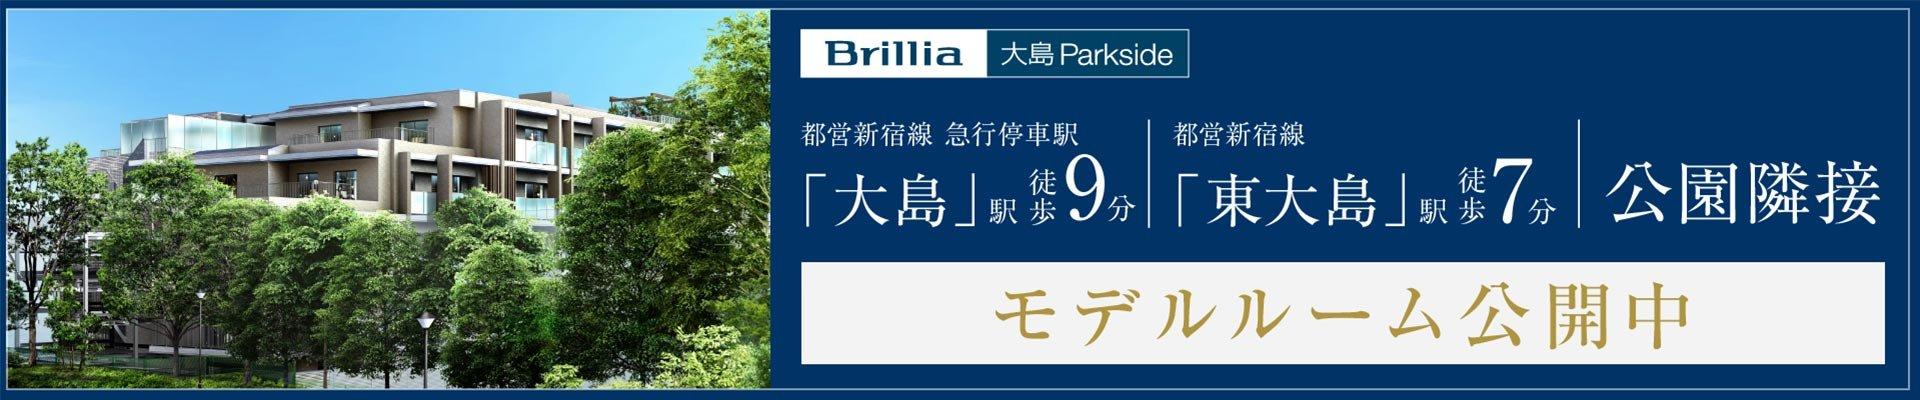 Brillia 大島 Parkside